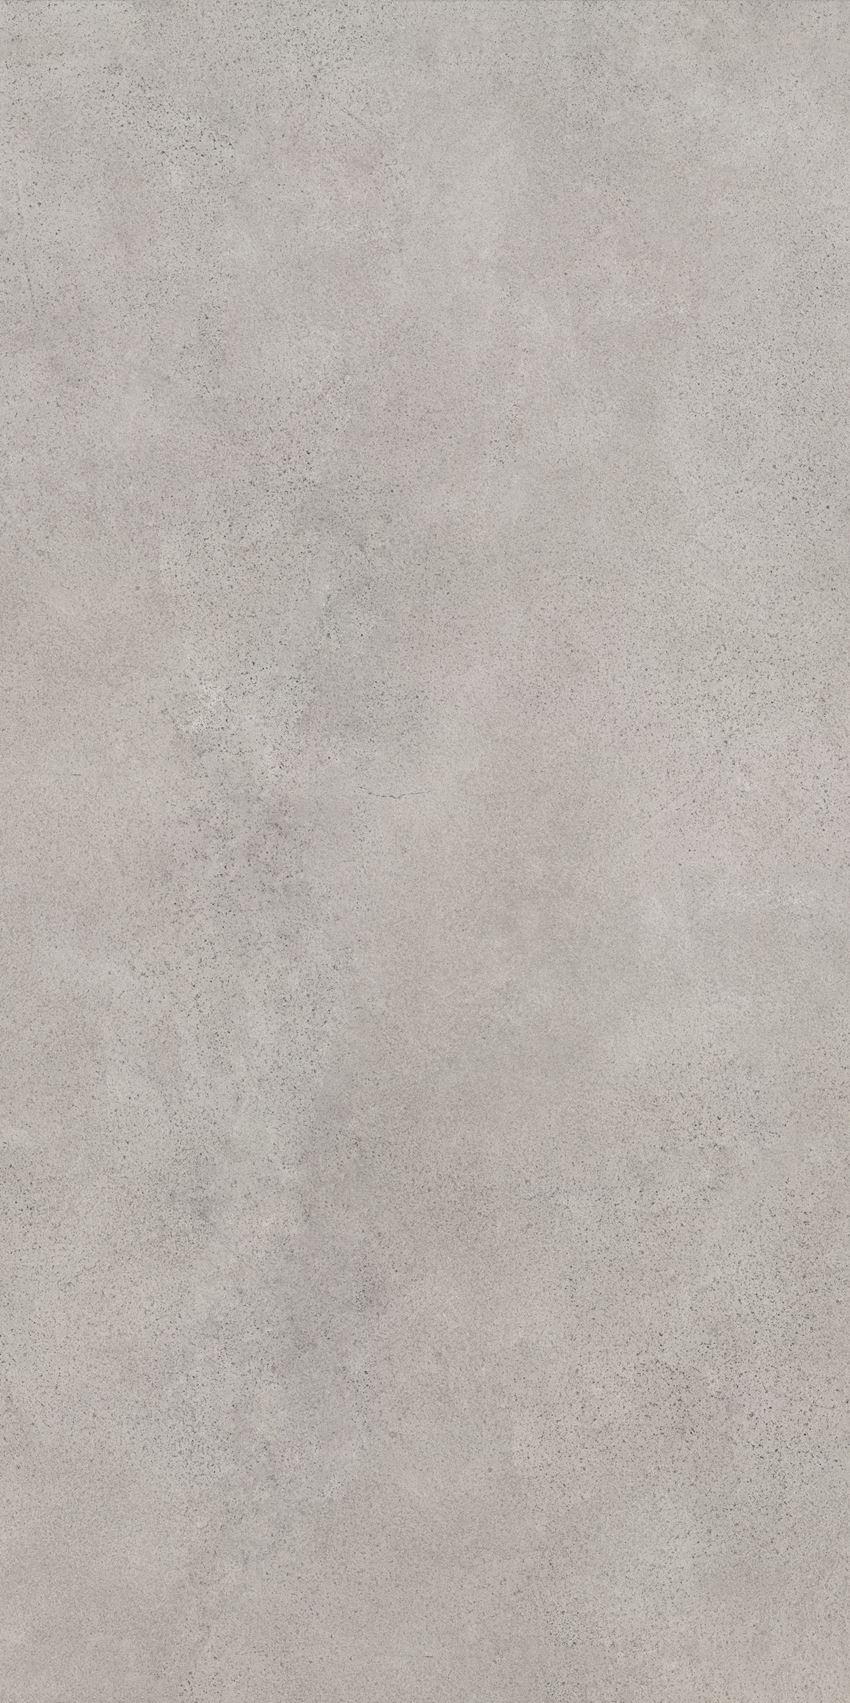 Płytka ścienno-podłogowa 59,8x119,8 cm Paradyż Silkdust Light Grys Mat